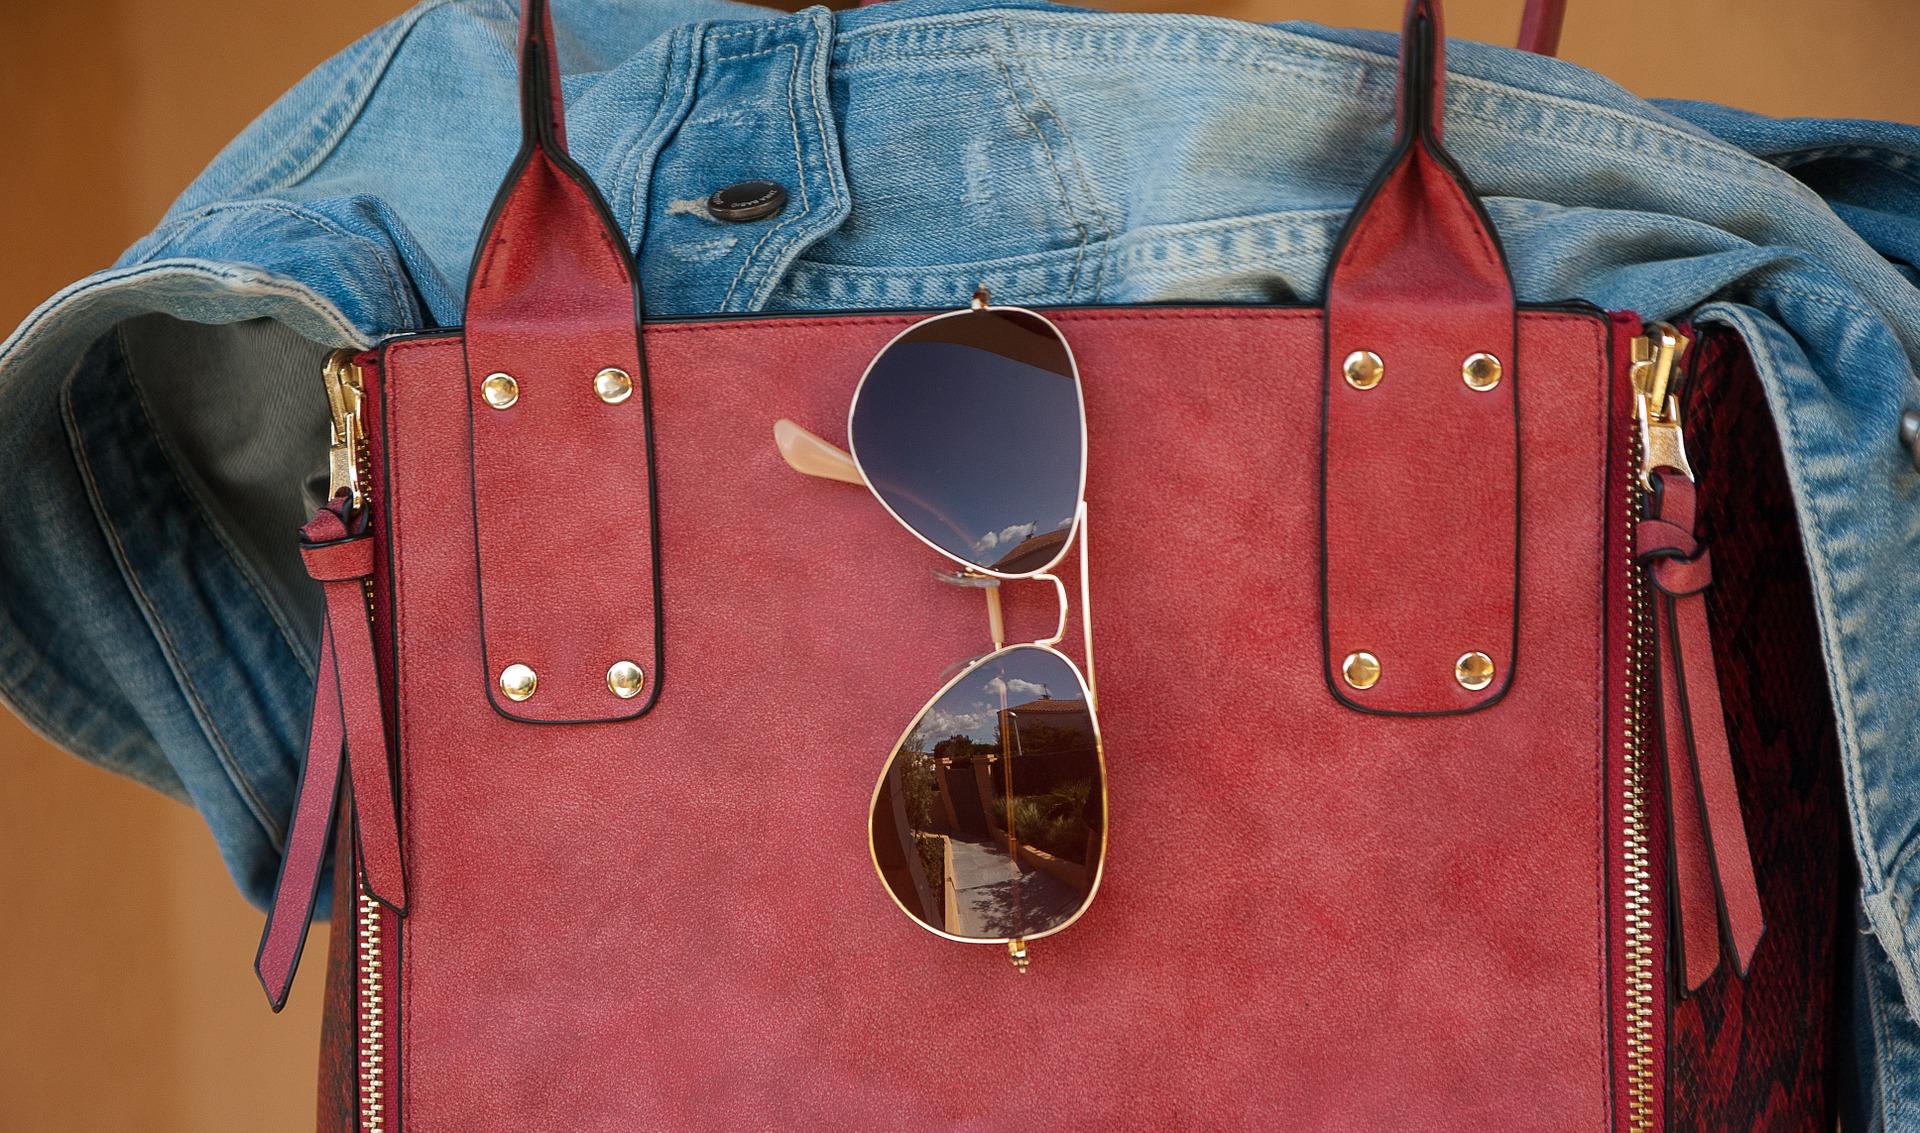 vendere borse usate e accessori